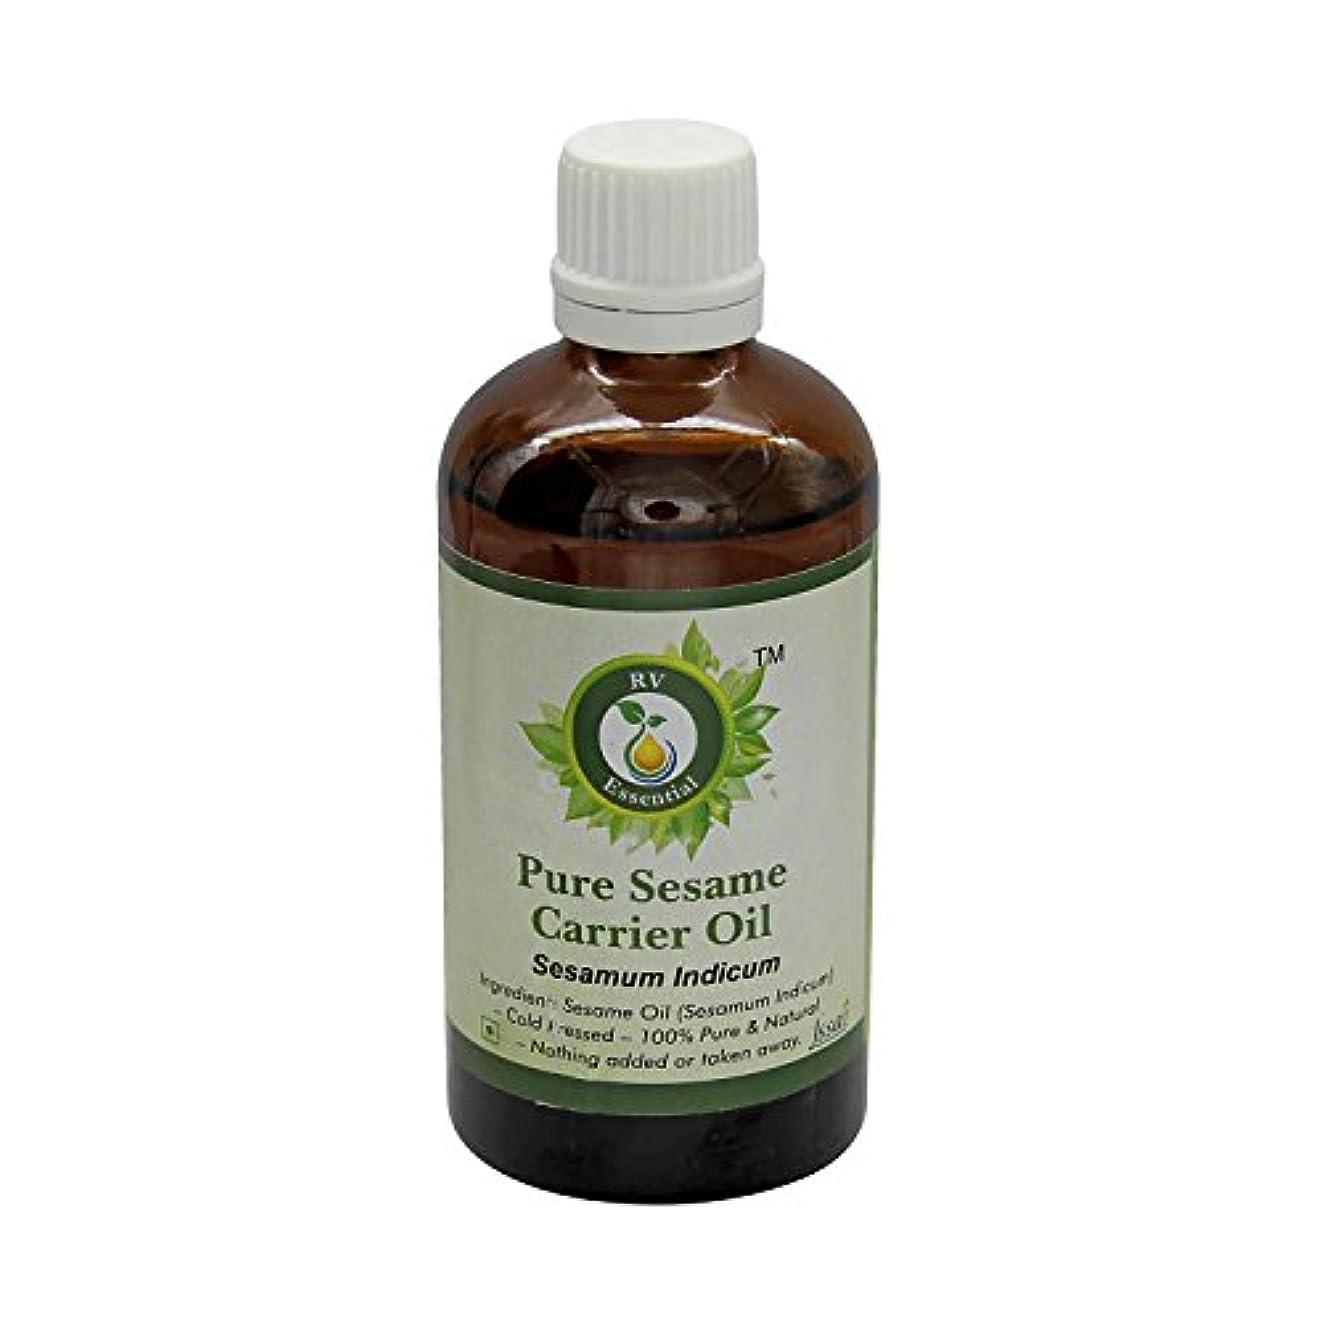 大脳分類する黒くするR V Essential 純粋なごま油15ml (0.507oz)- Sesamum Indicum (100%ピュア&ナチュラルコールドPressed) Pure Sesame Carrier Oil